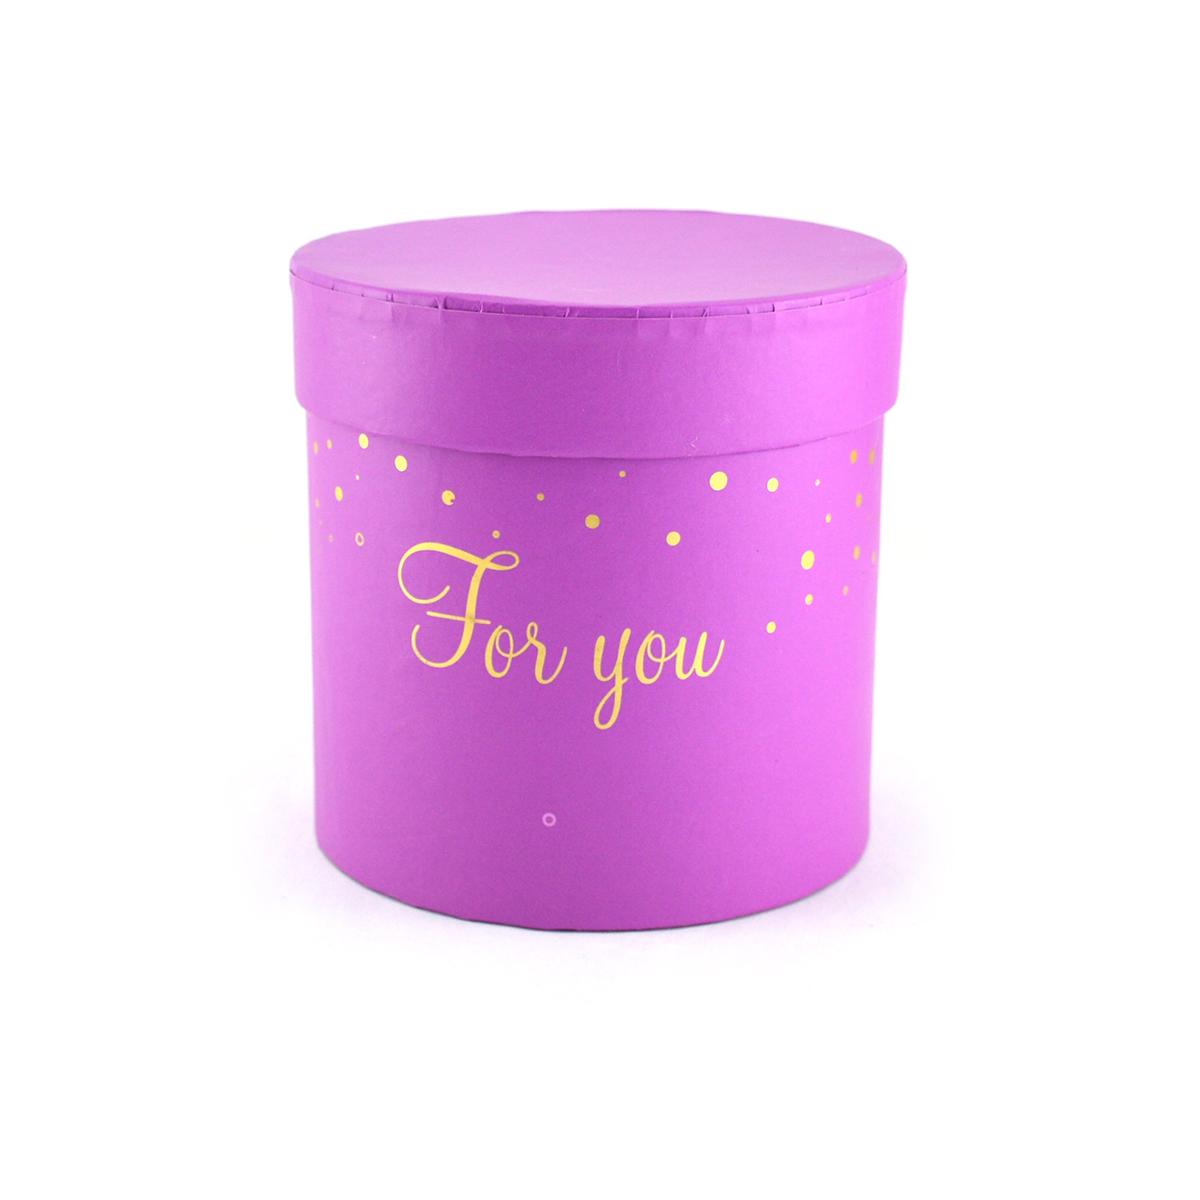 Ambalaje Flori ONLINE vinde Cutie cilindrica fara manere for you siclam la pretul de 8.9 lei